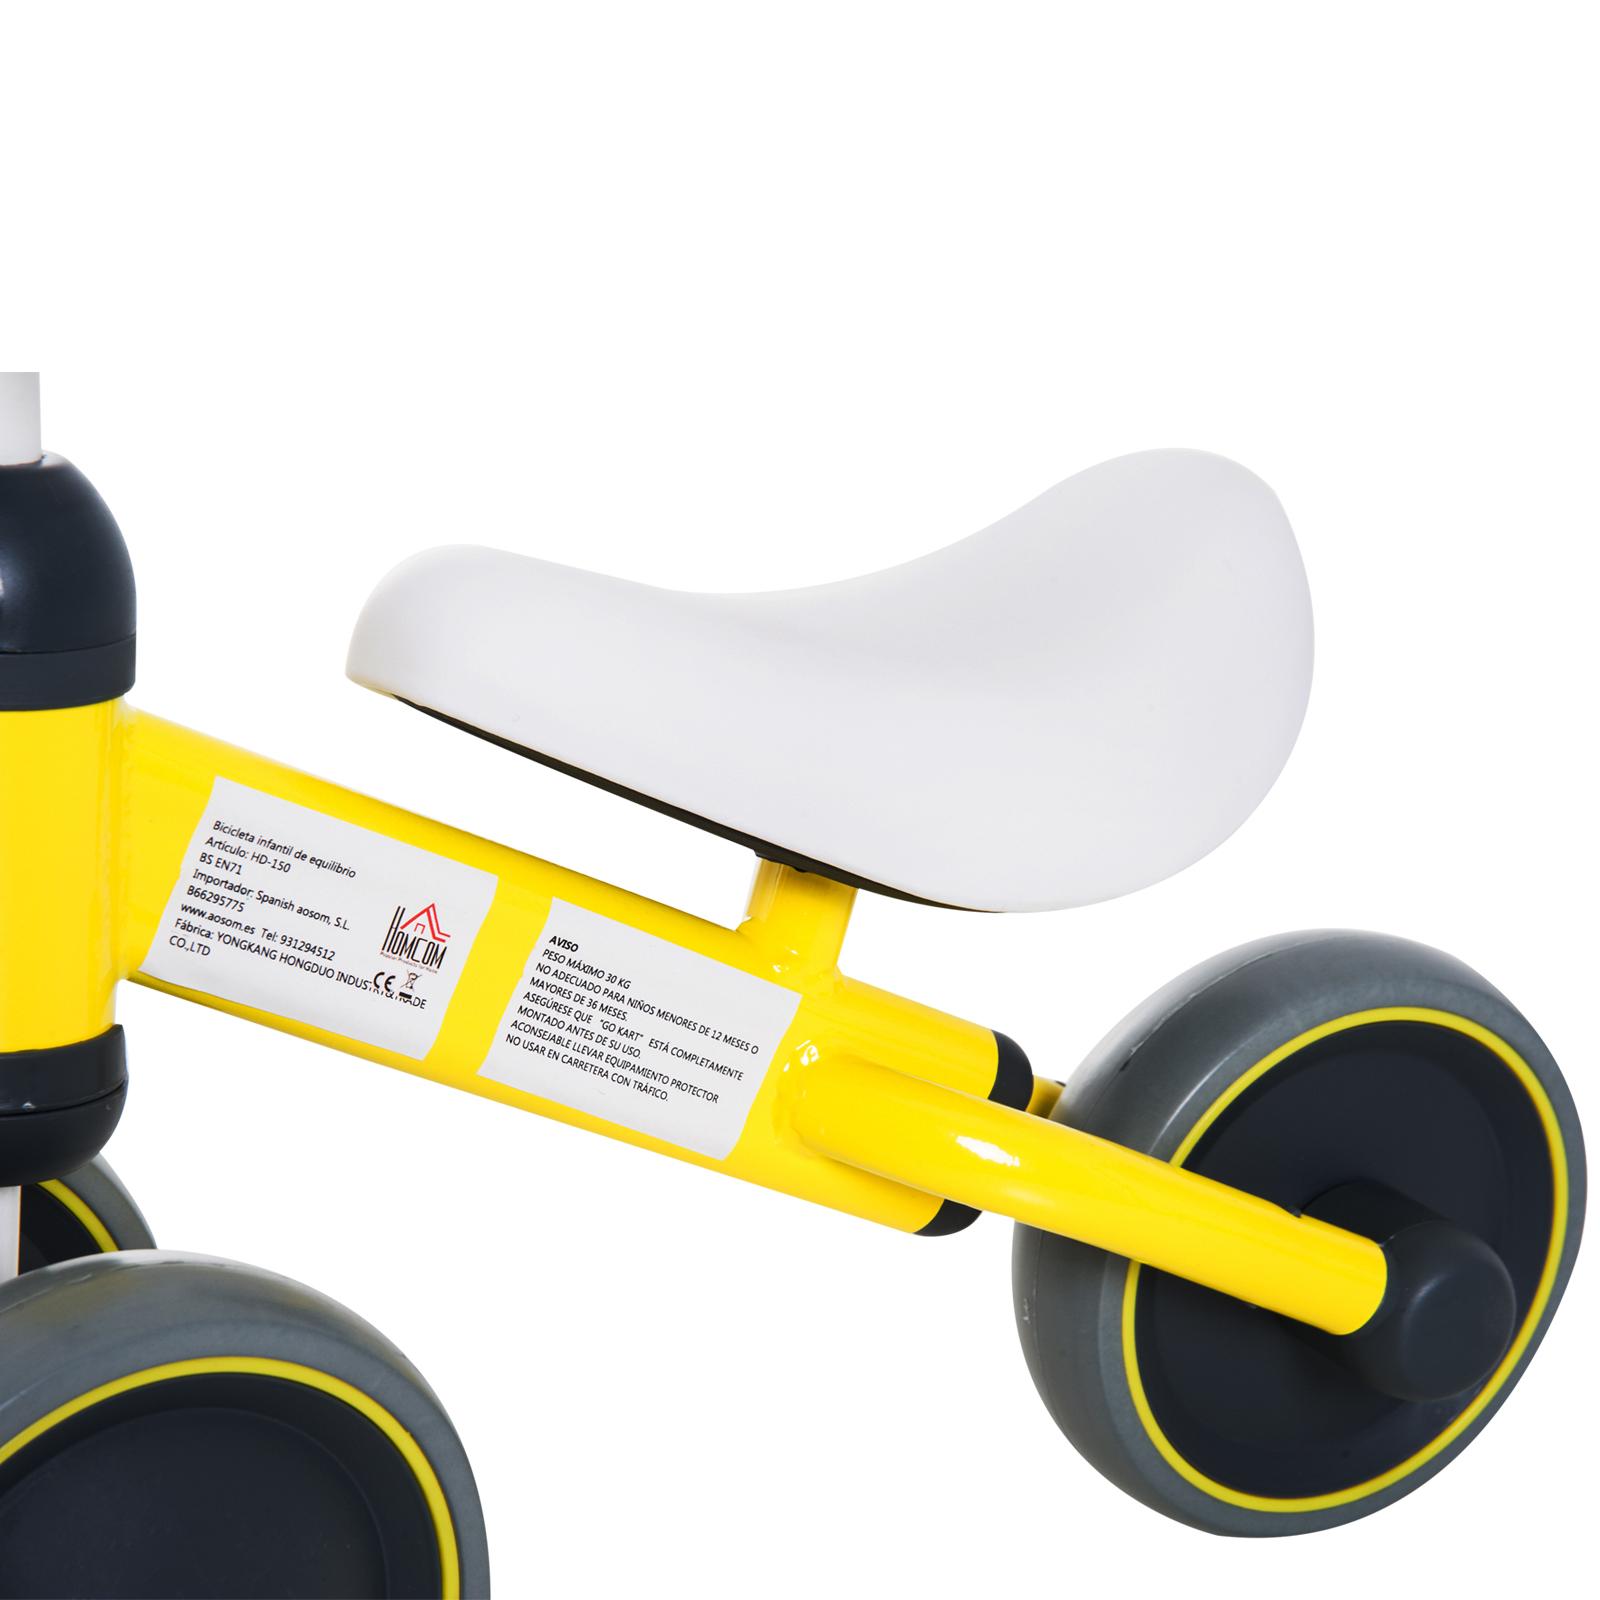 Triciclo-Bicicleta-sin-Pedales-para-Nino-1-3-Anos-Sillon-Comodo-Aluminio miniatura 4